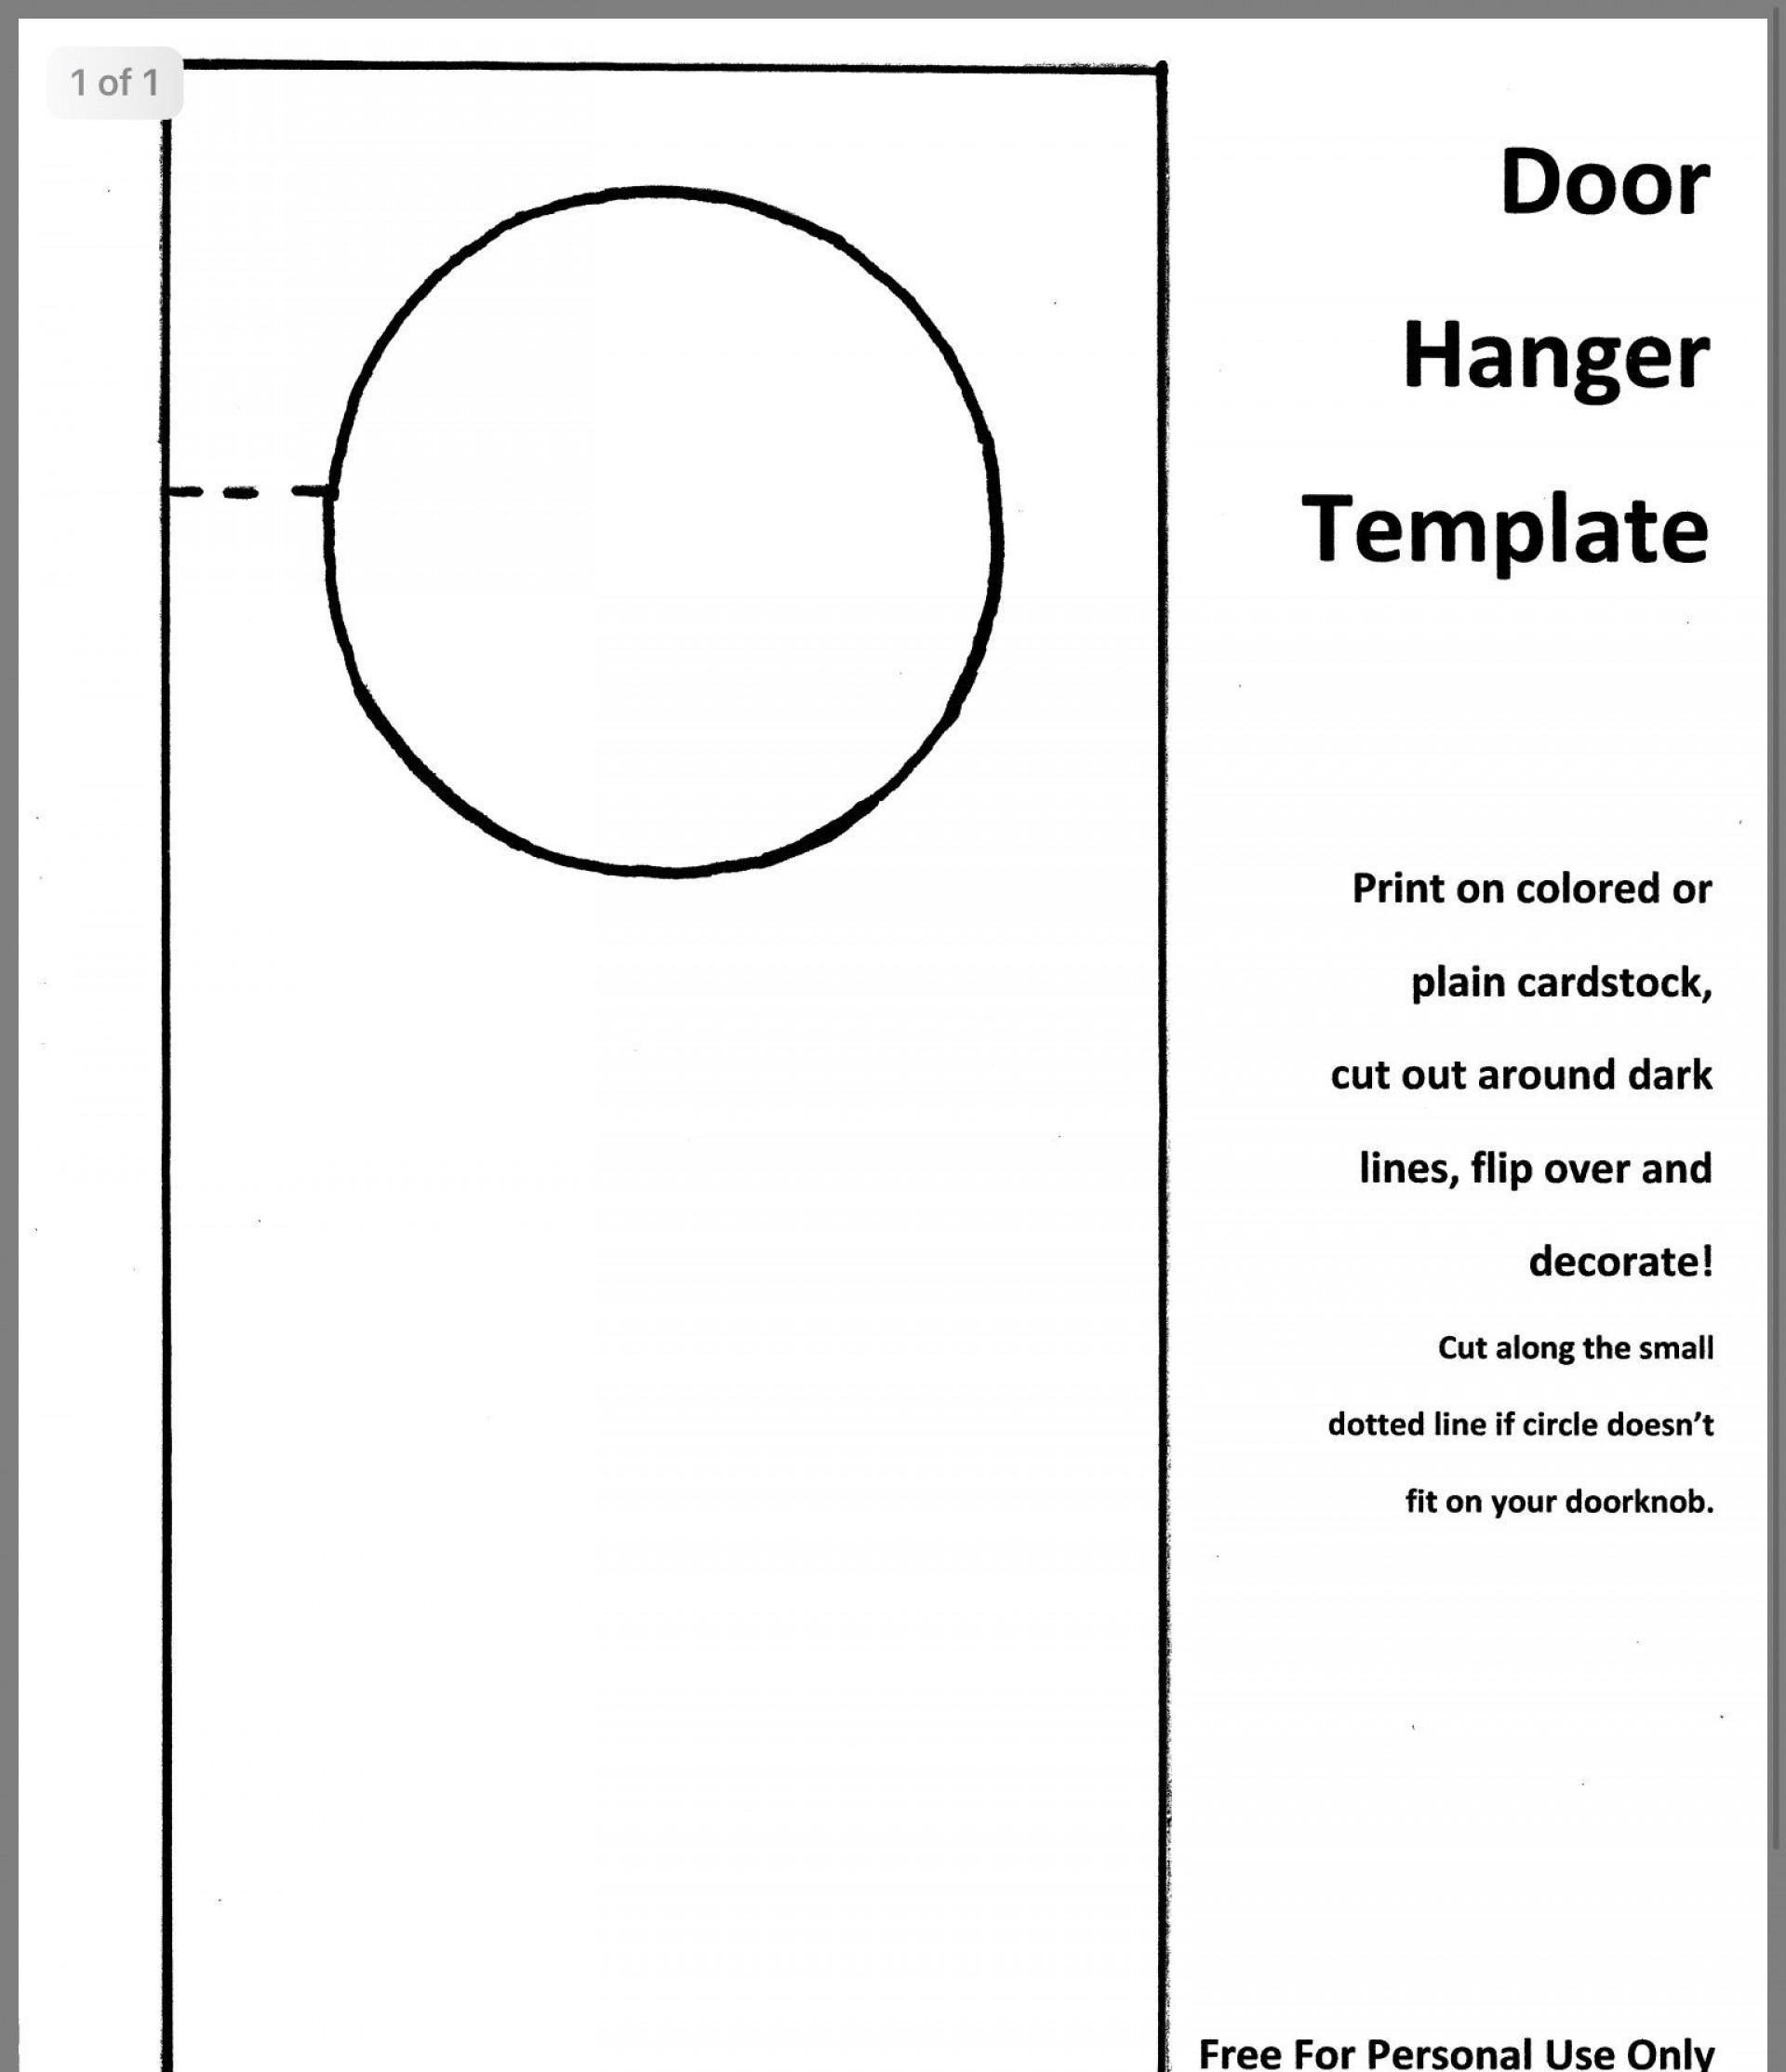 001 Unbelievable Free Printable Template For Door Hanger Highest Clarity 1920